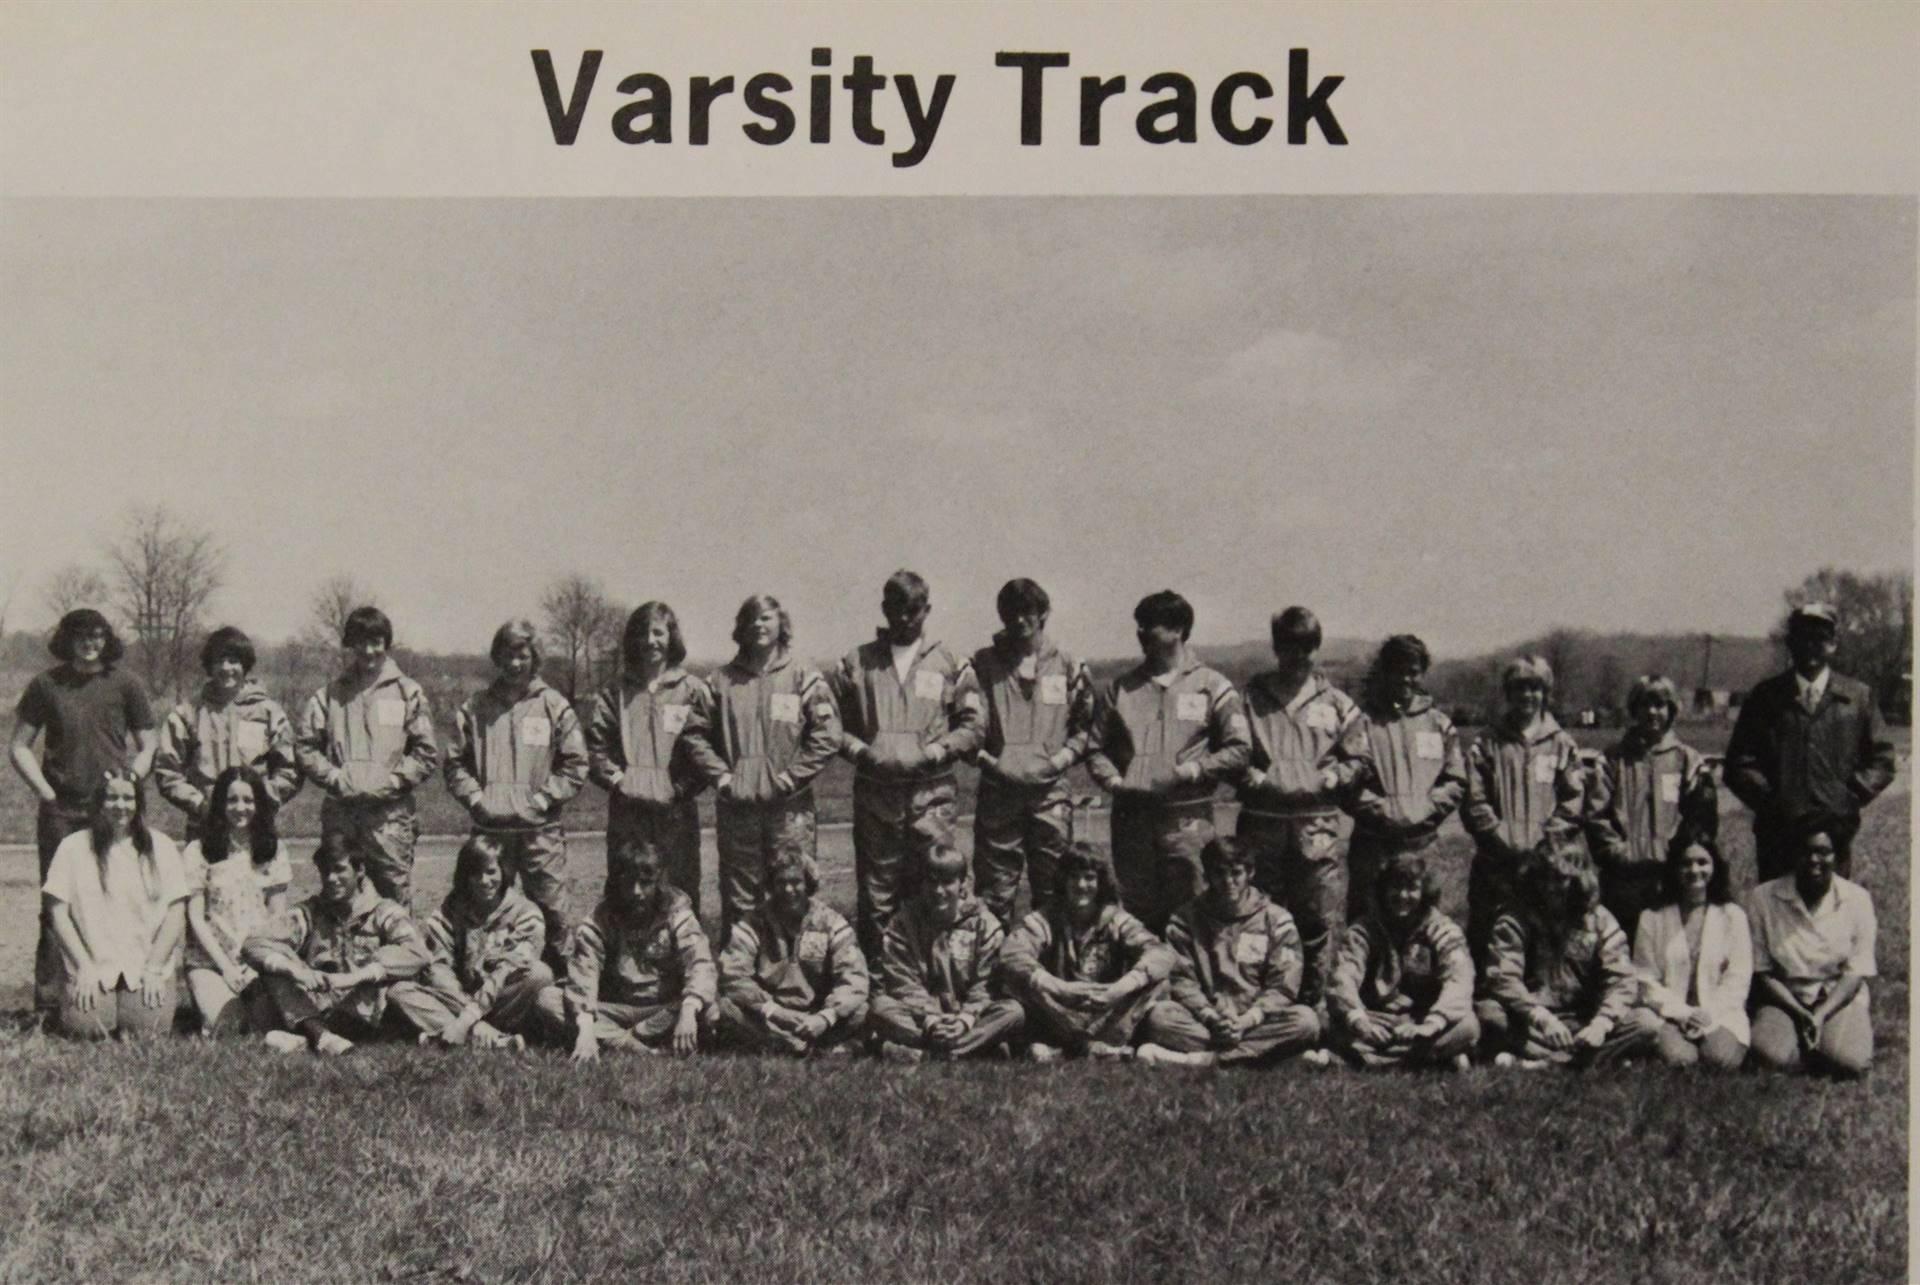 1974 Varsity Track